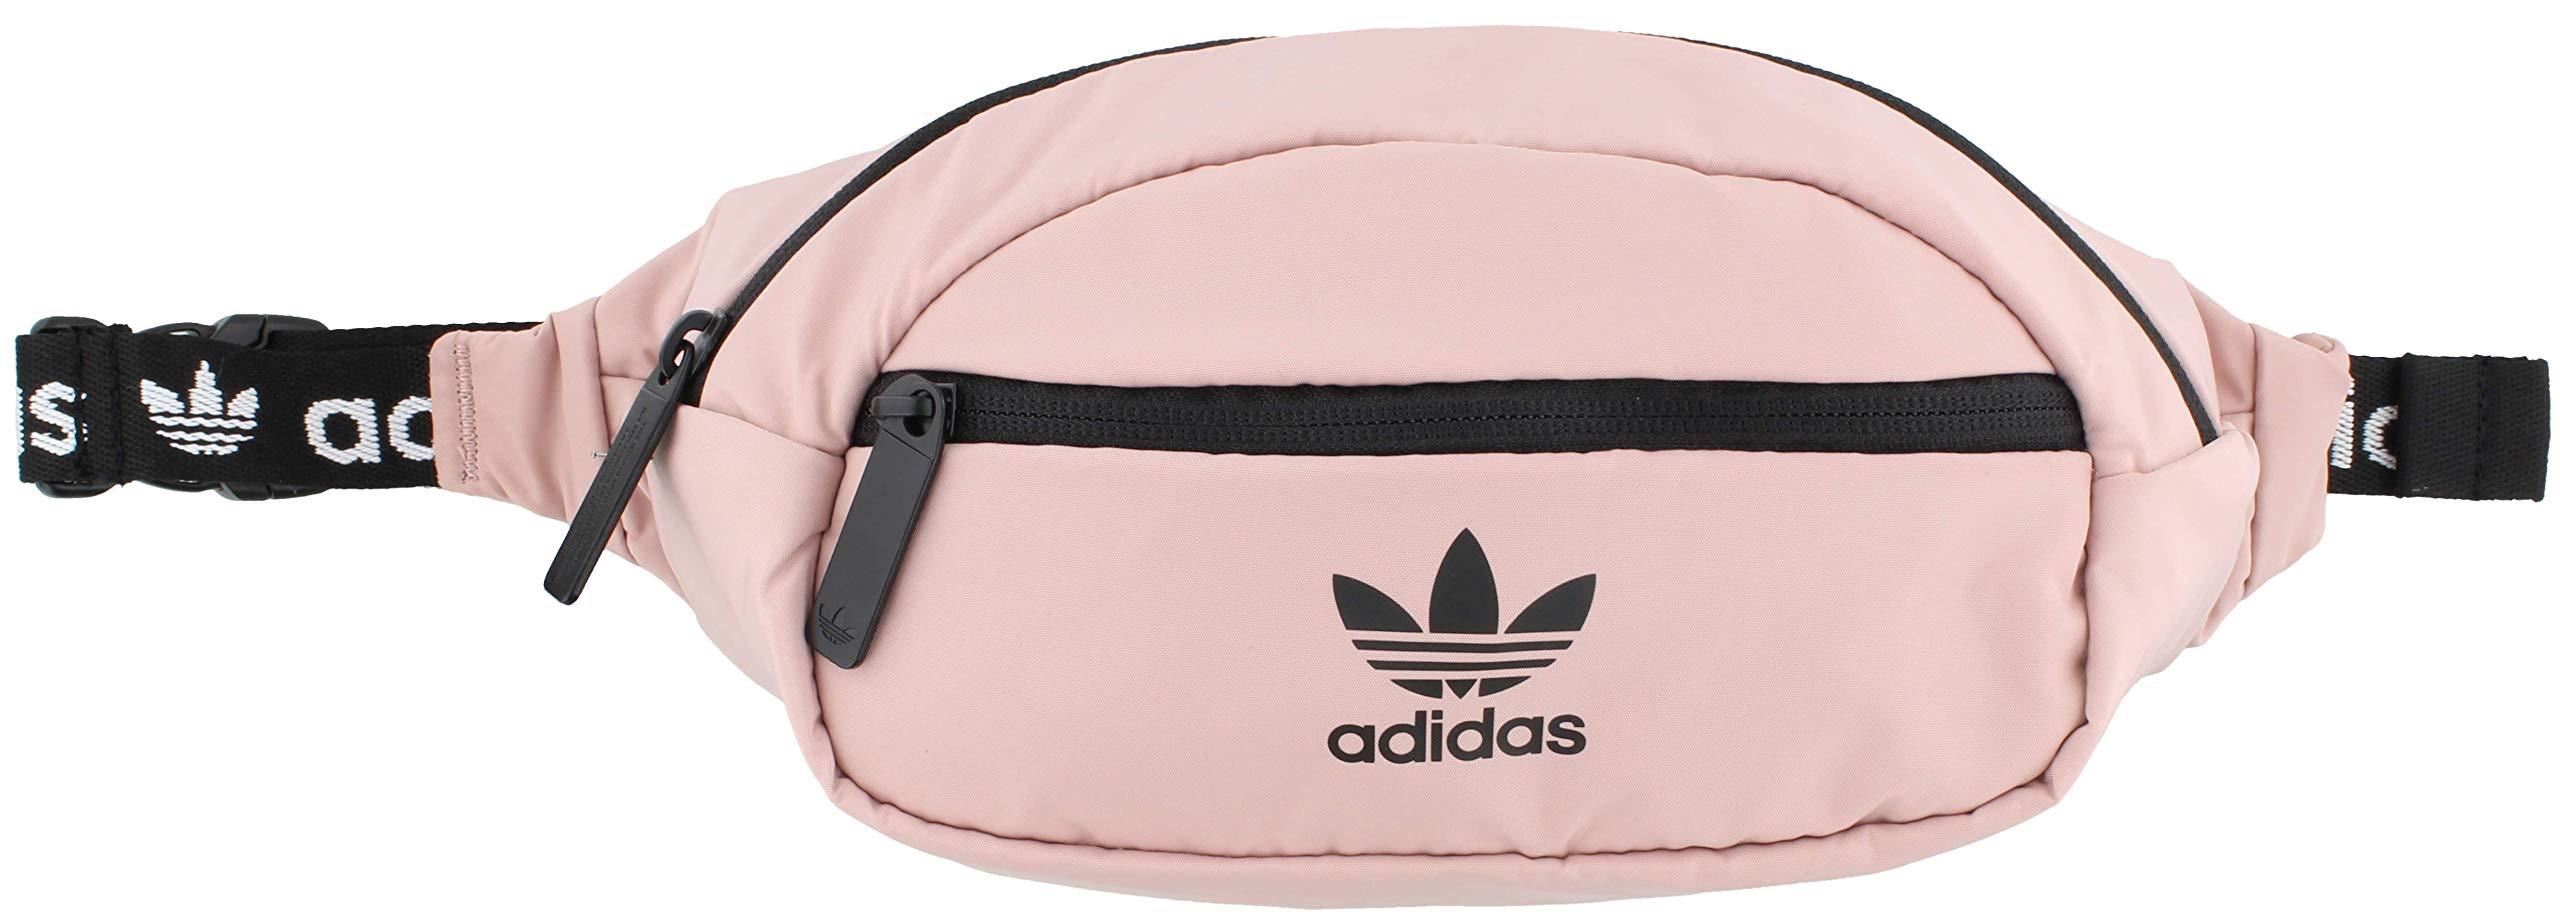 adidas Originals Unisex National Waist Pack, Pink Spirit/Black, ONE SIZE by adidas Originals